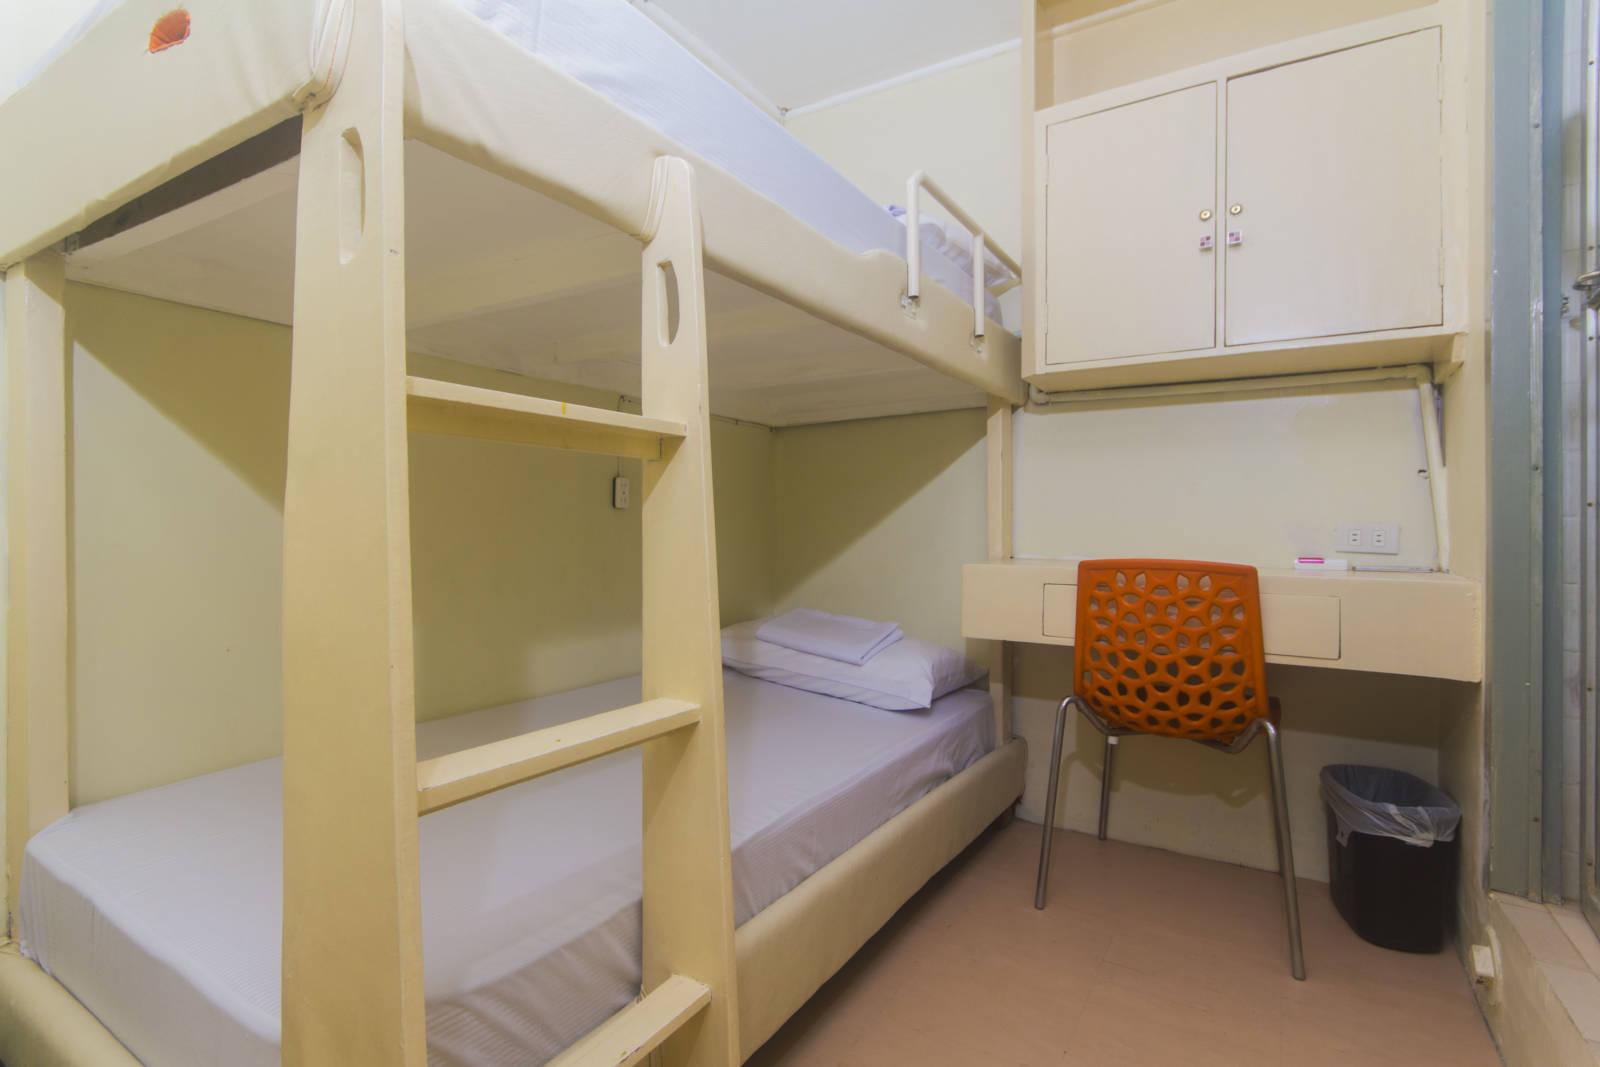 USDA Dormitory Hotel - Free WIFI